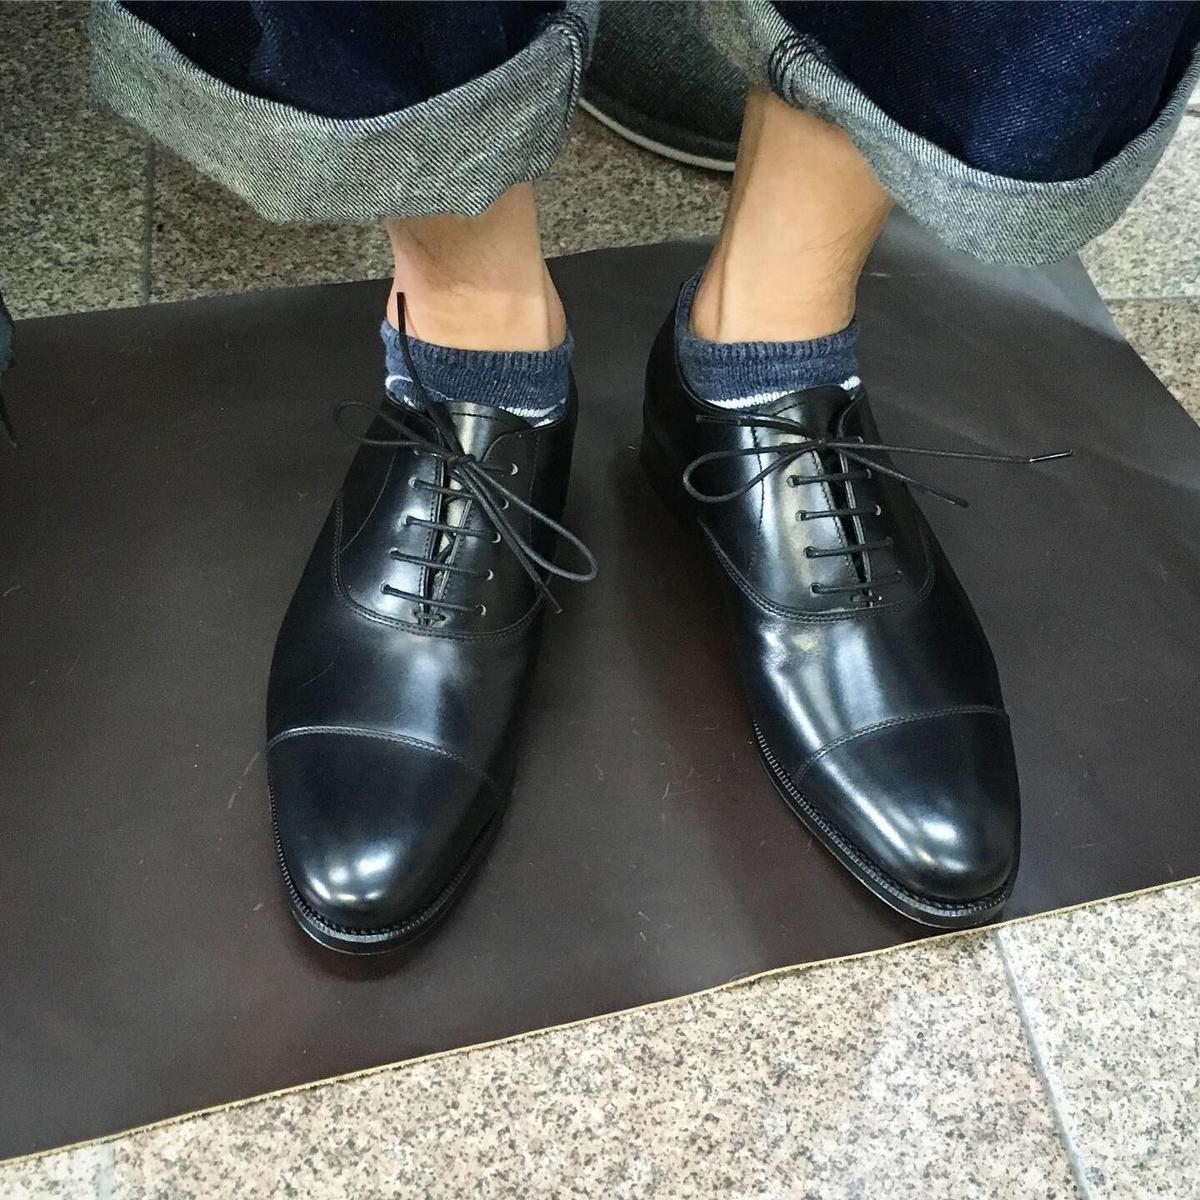 f:id:raymar-shoes:20190708220231j:plain